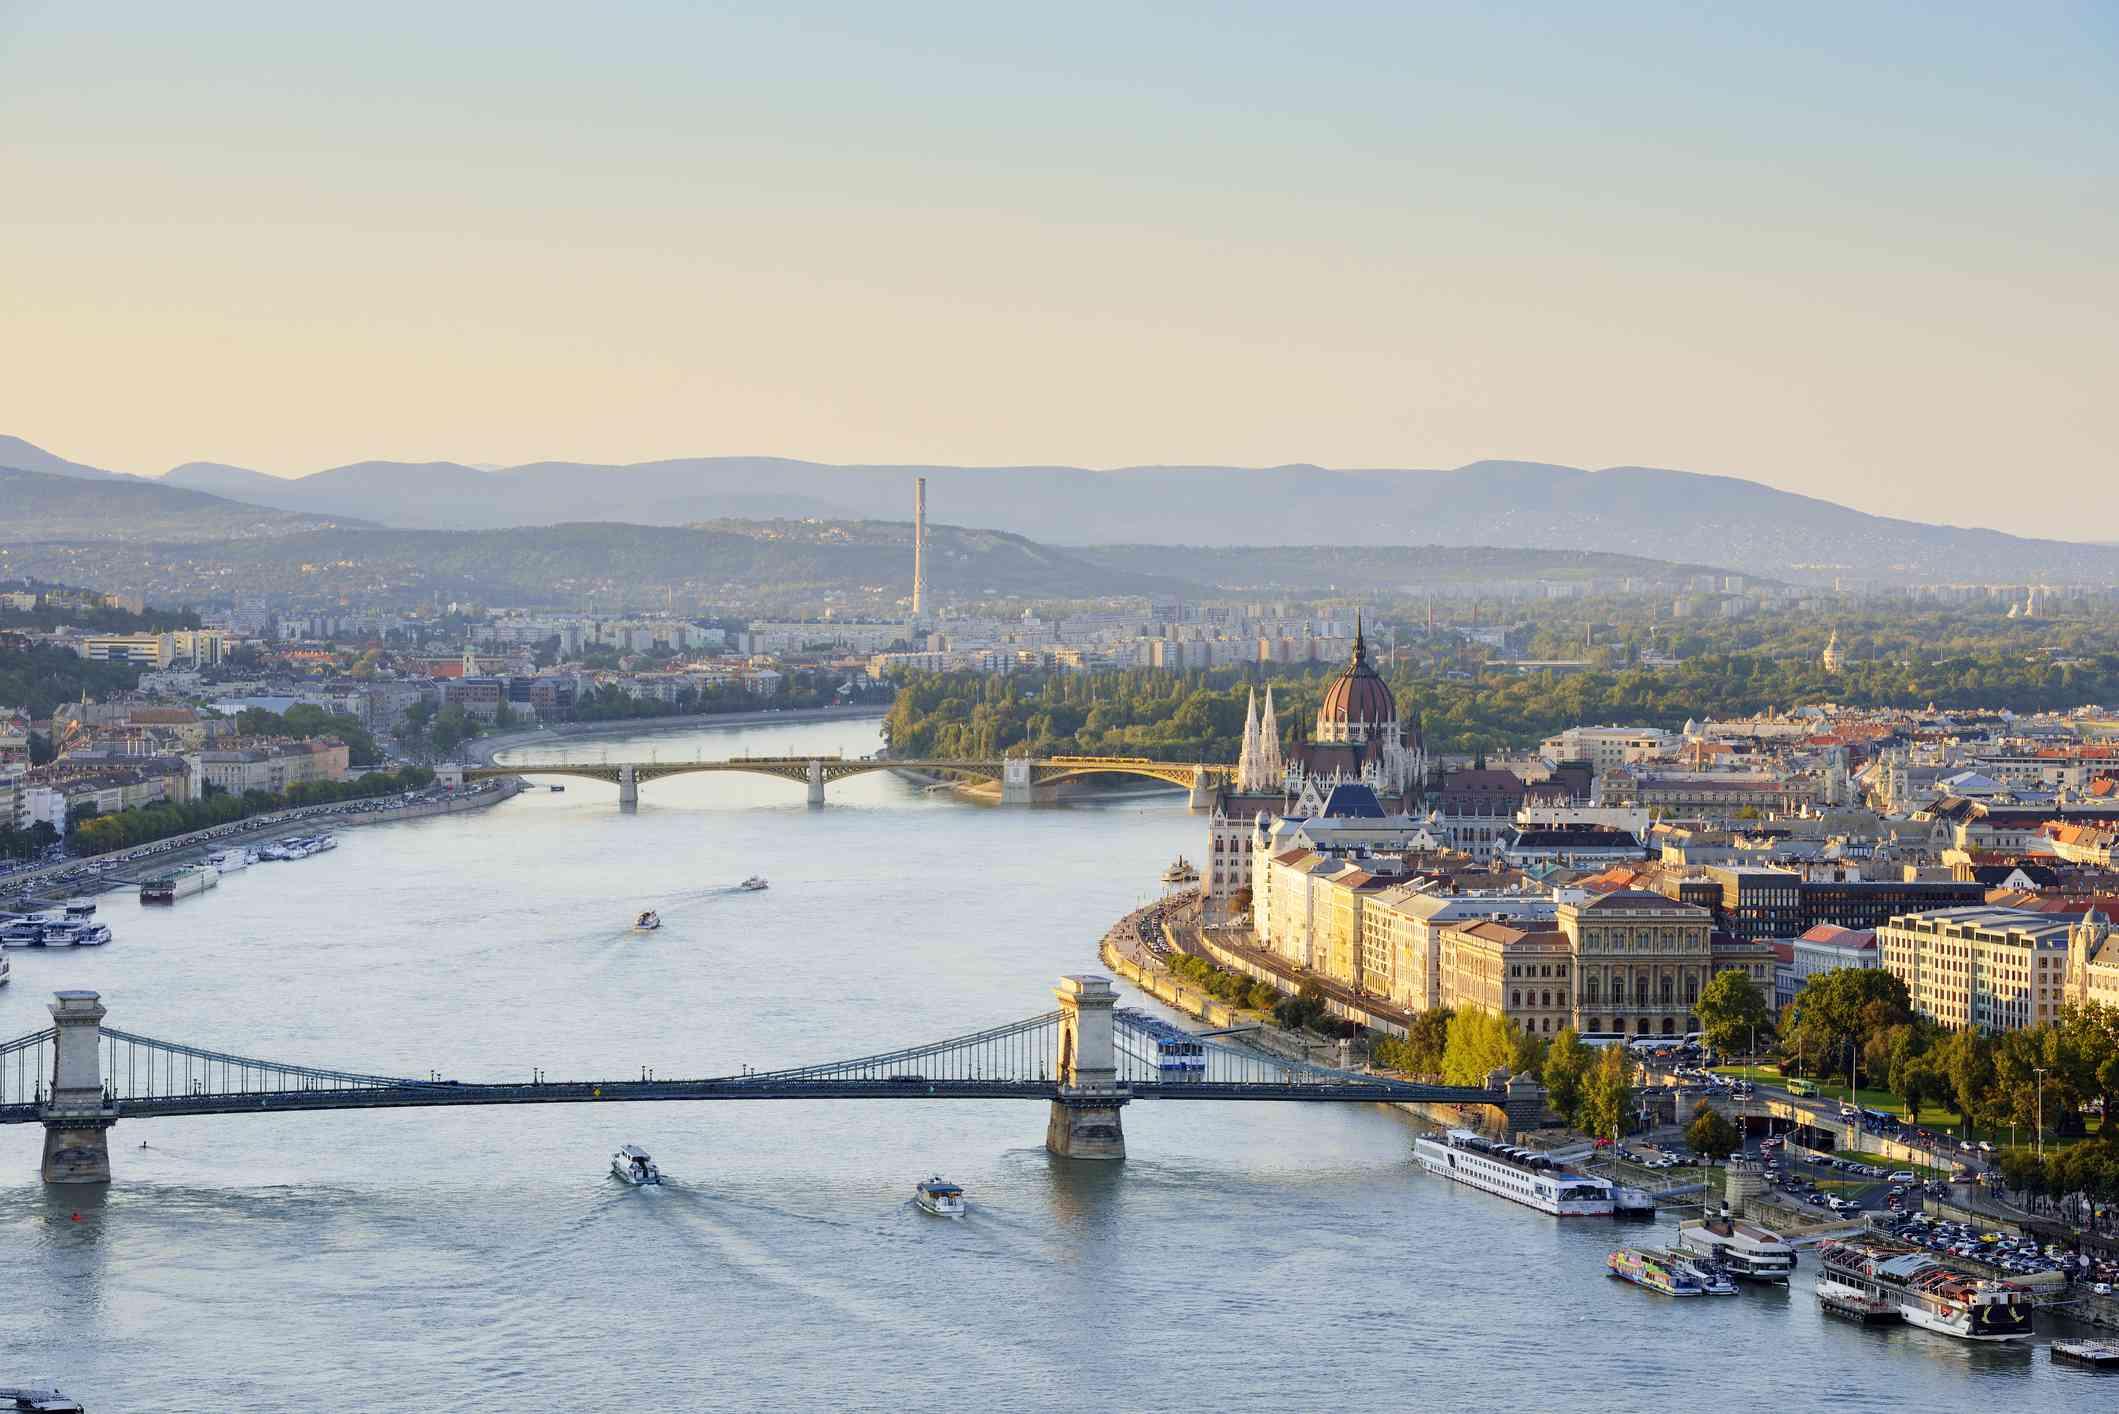 The Danube River in Europe